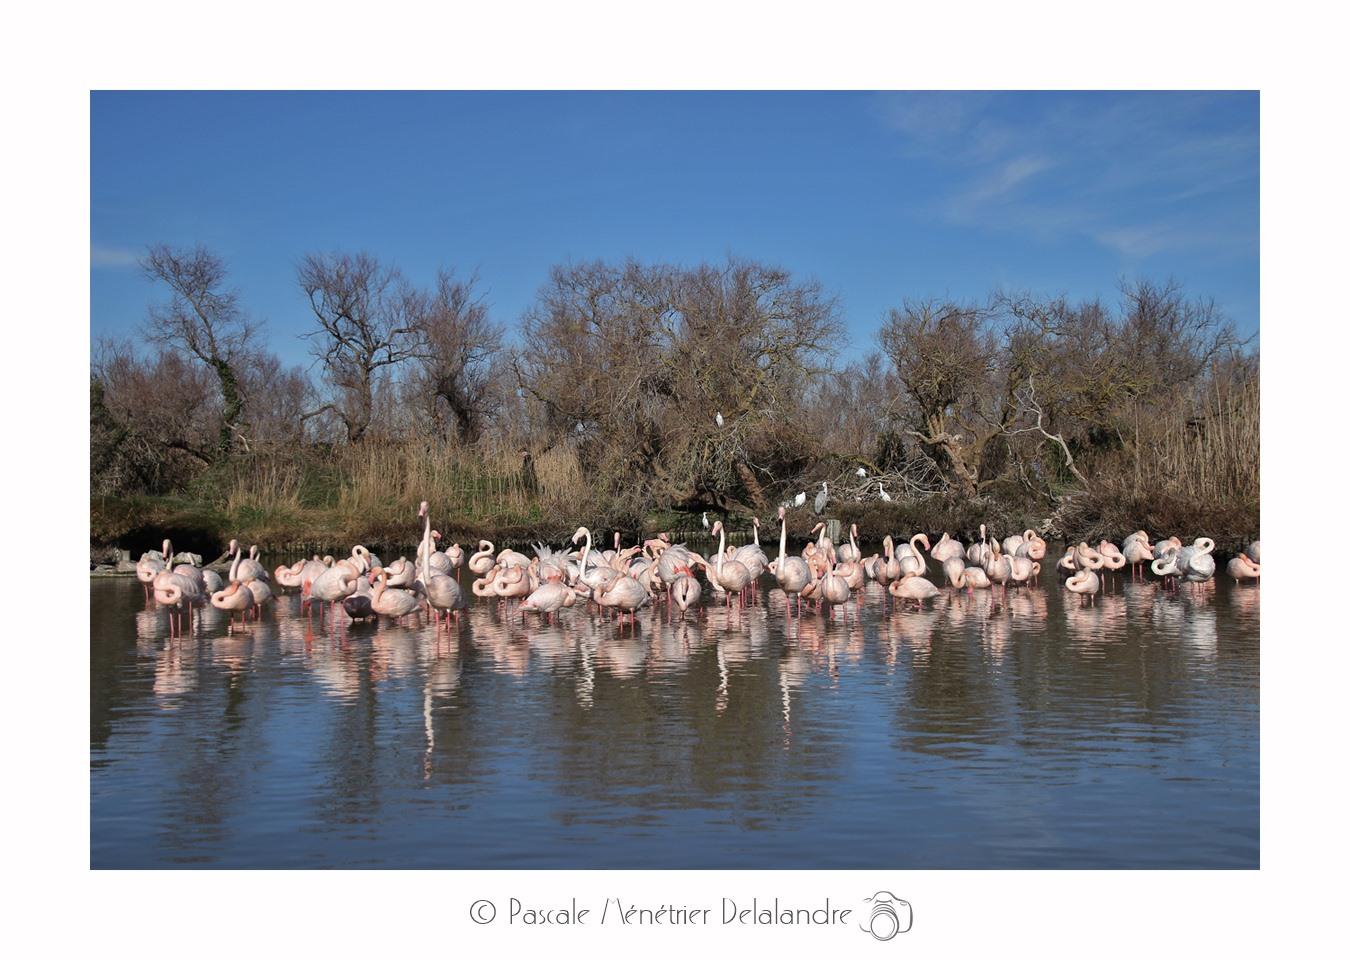 Balade au Parc Ornithologique du Pont de Gau (suite & fin) - Camargue - Bouches du Rhône